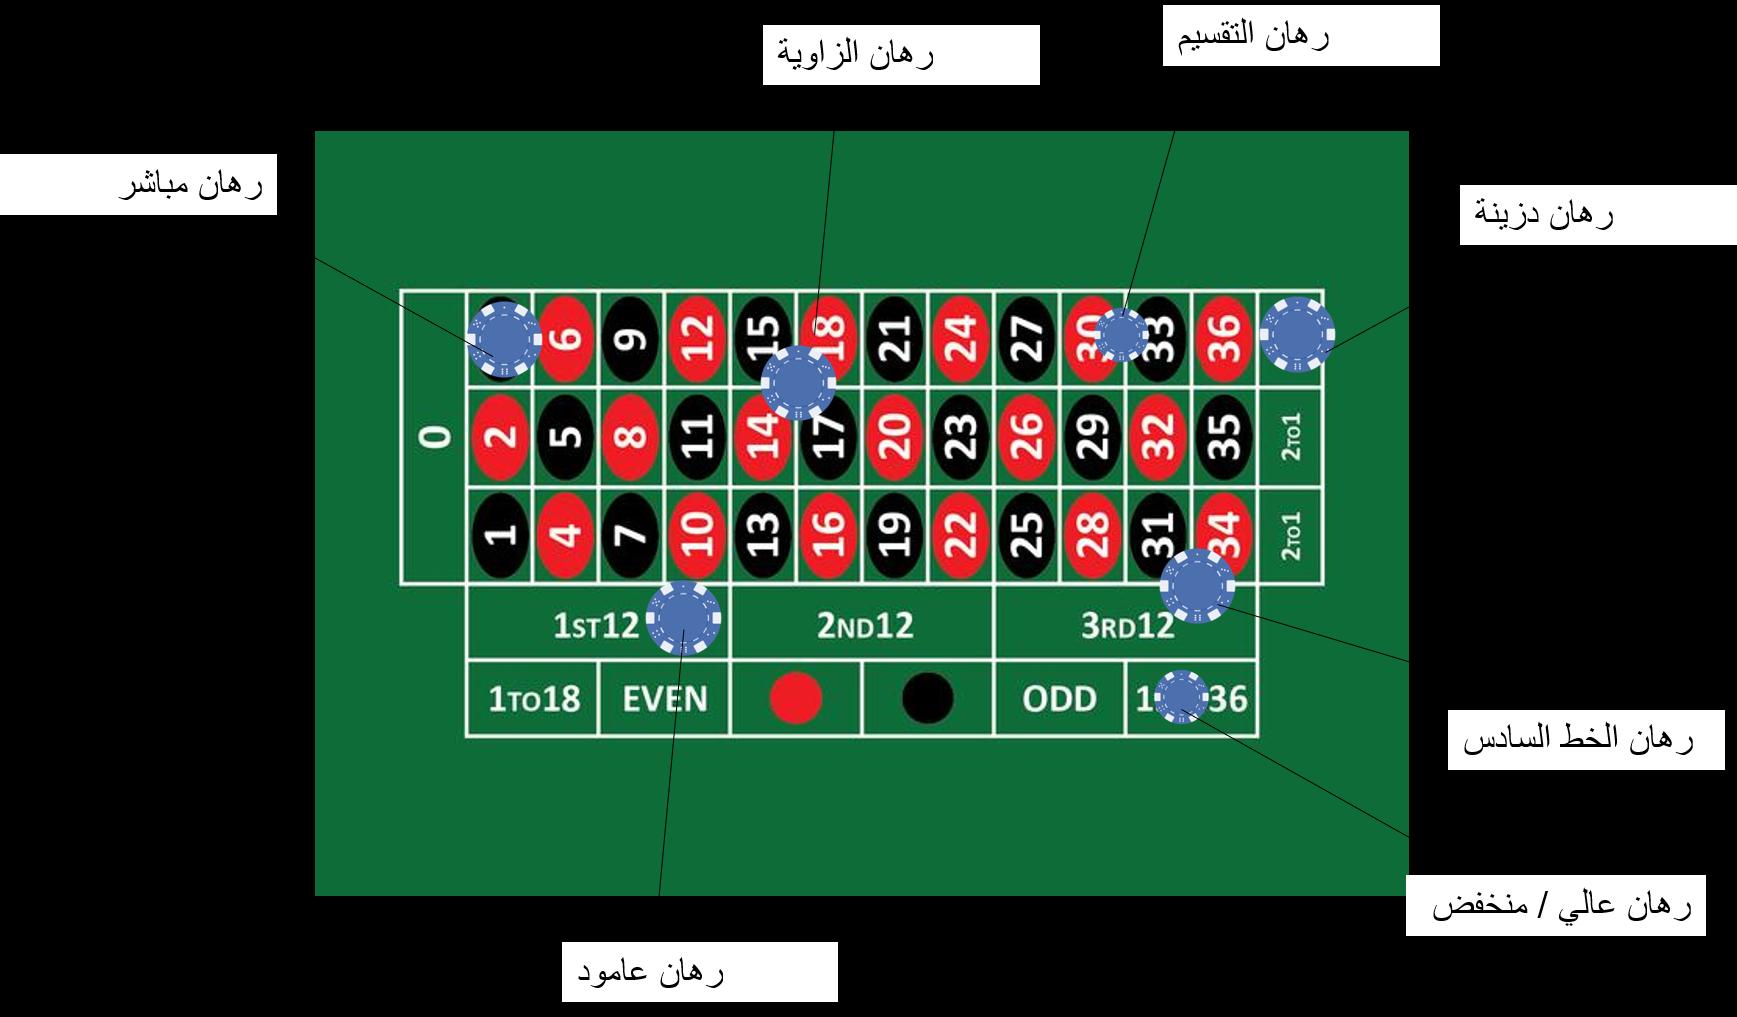 استراتيجية بينجو في - 18510